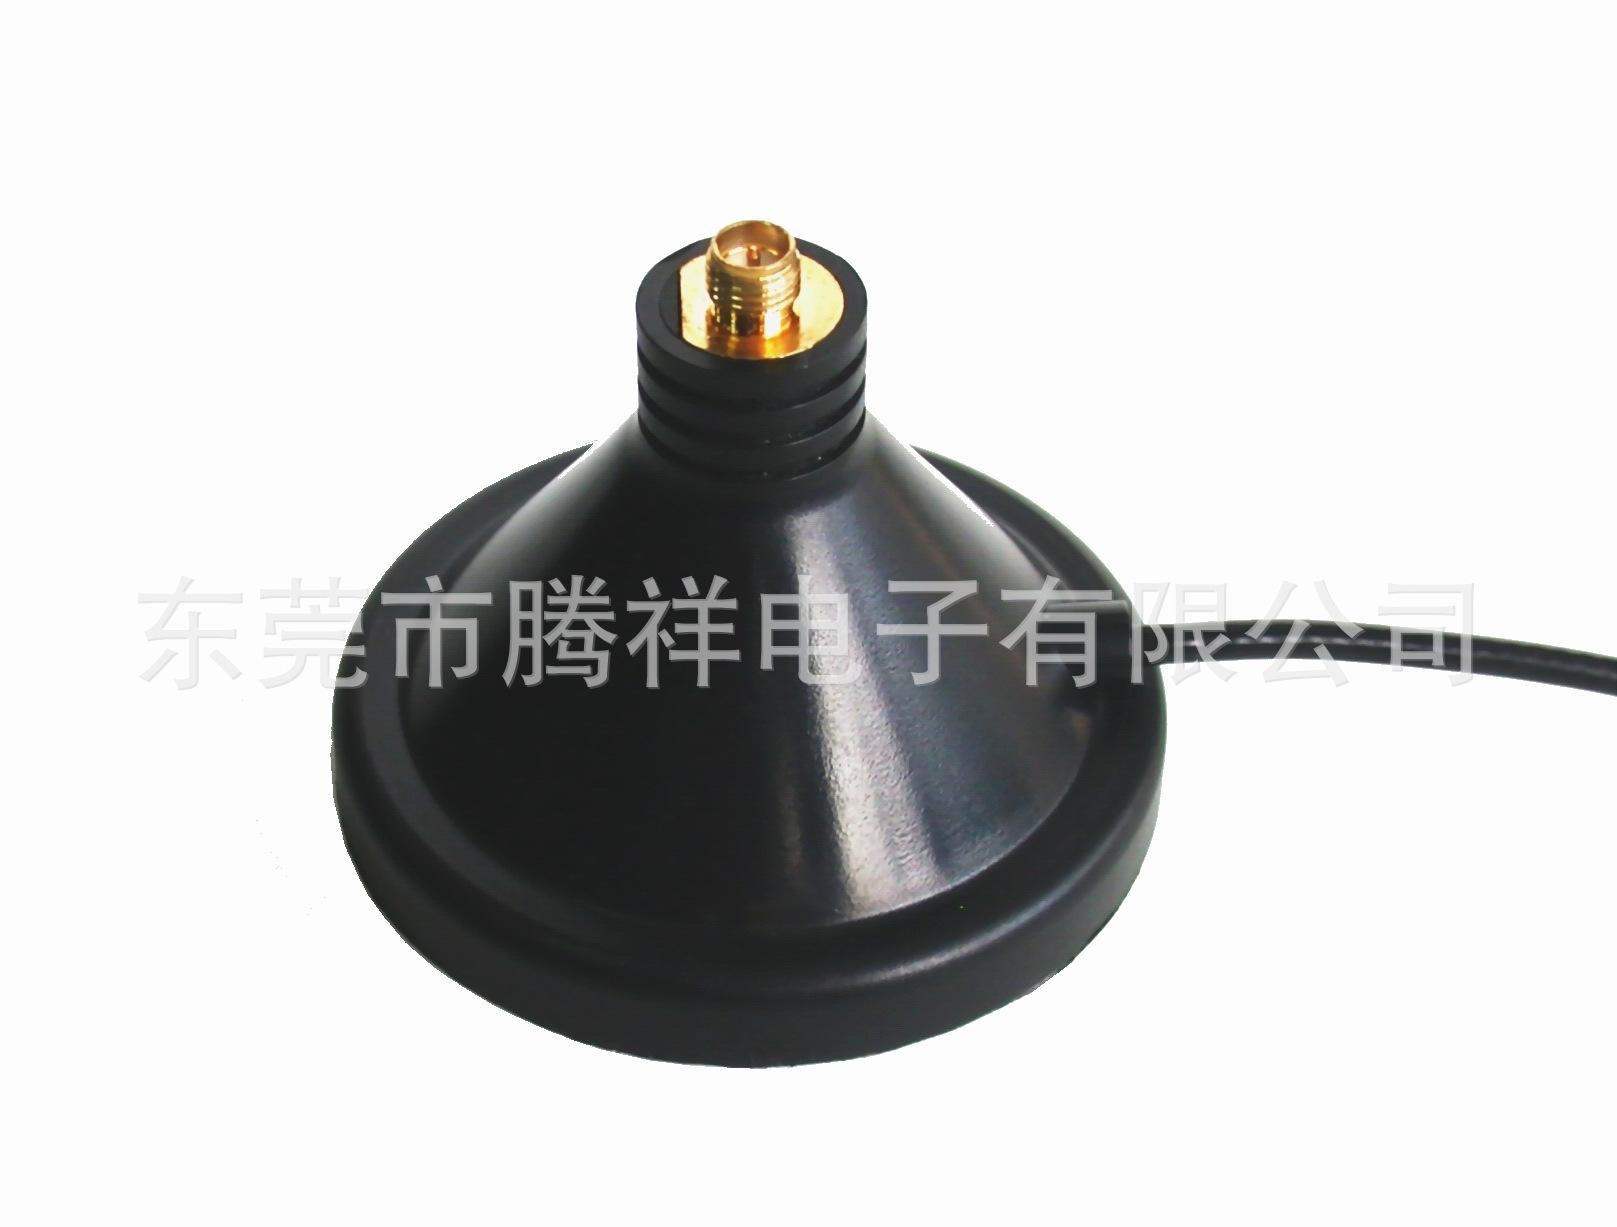 专业提供 3g 4g吸盘天线 电视汽车吸盘天线 吸盘天线批发